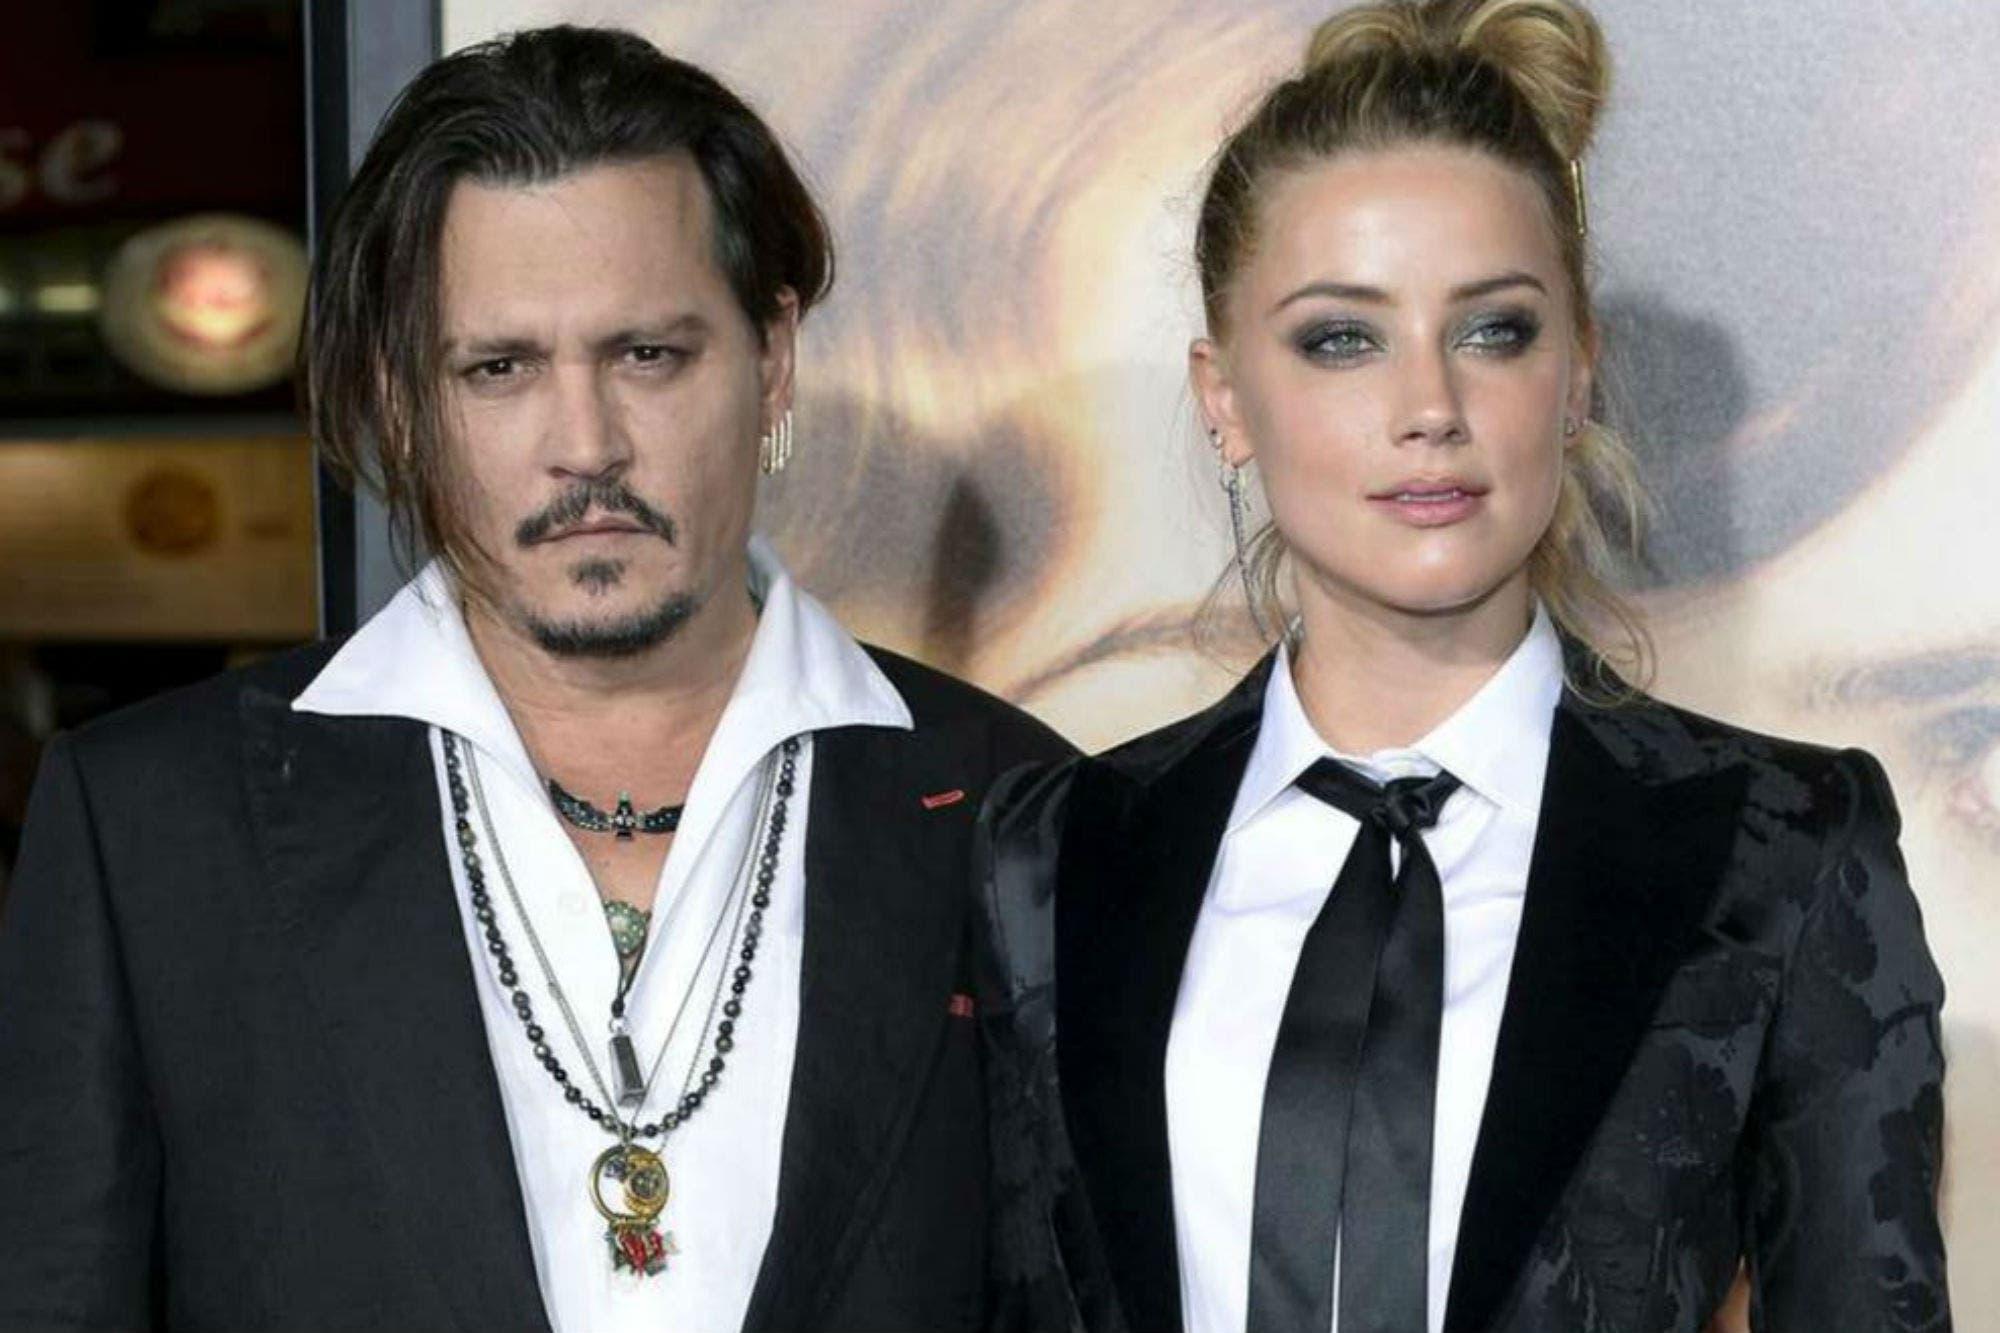 """Johnny Depp era brutalmente golpeado por Amber Heard, según un audio filtrado: """"Me enojo tanto que pierdo la razón"""""""